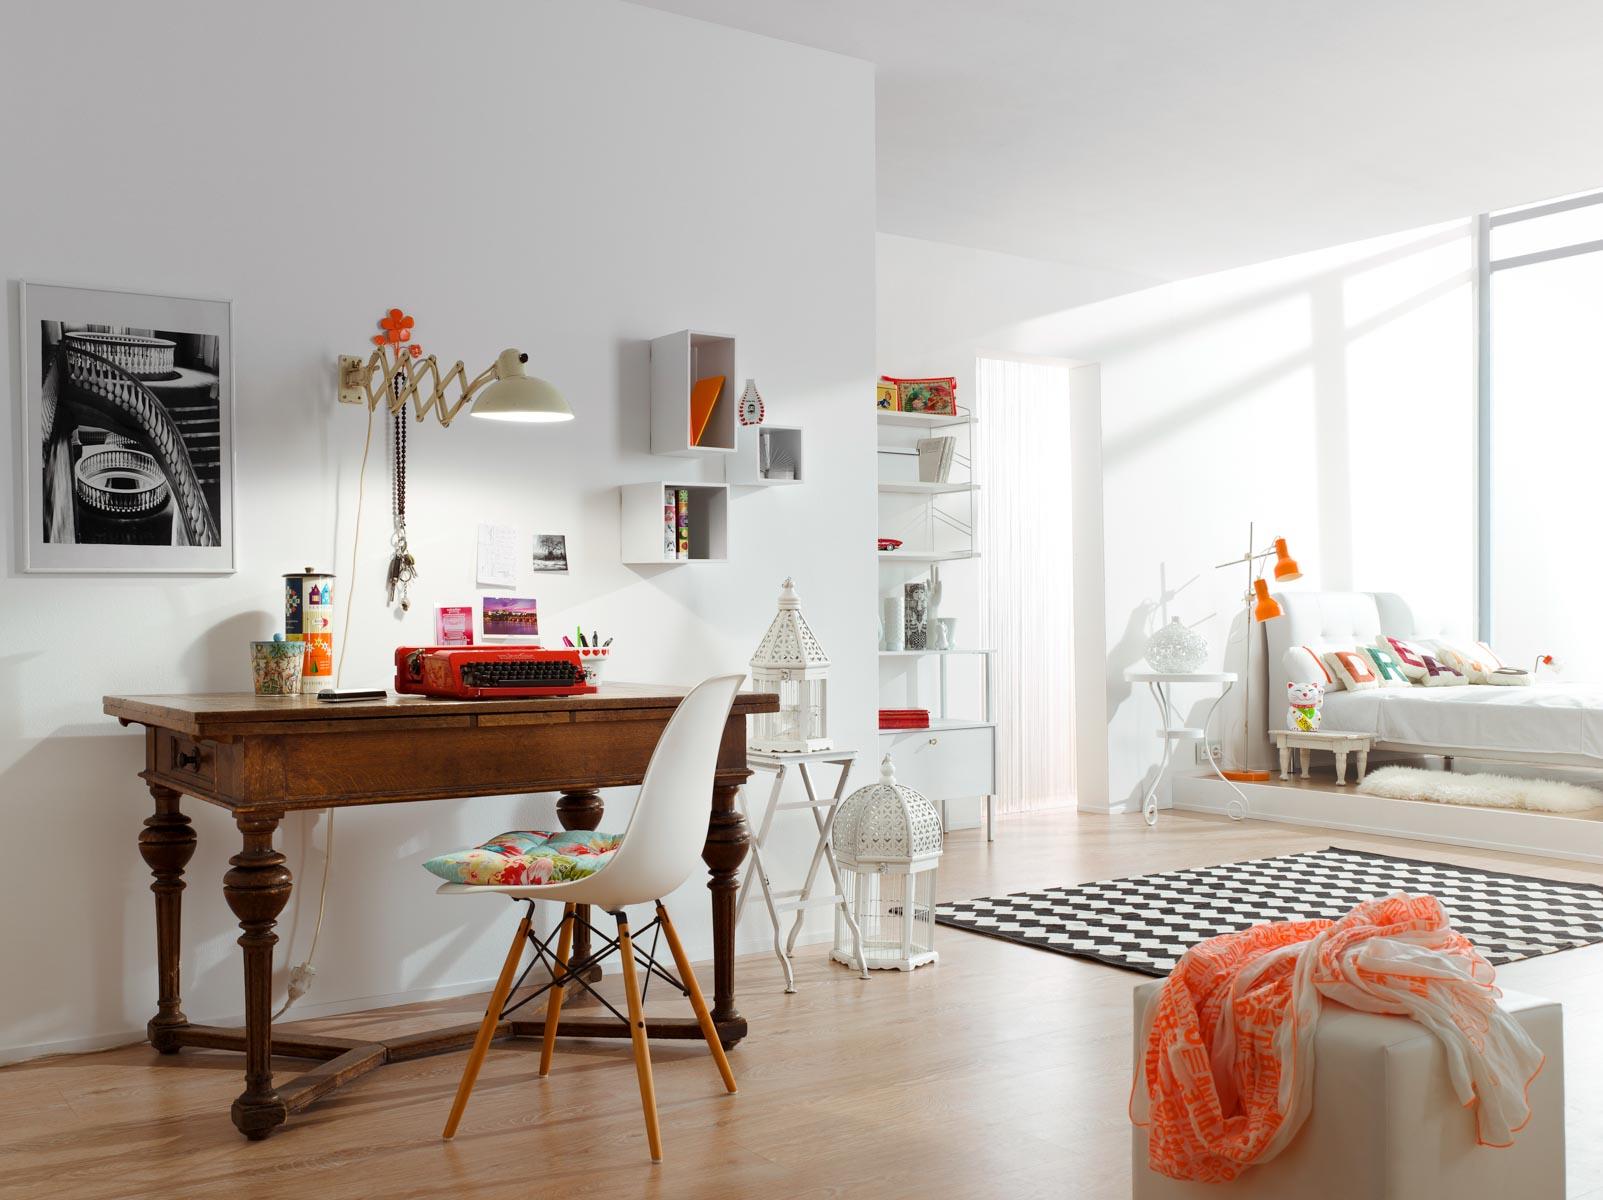 23 farbe modernes wohnen interieur studiojpg